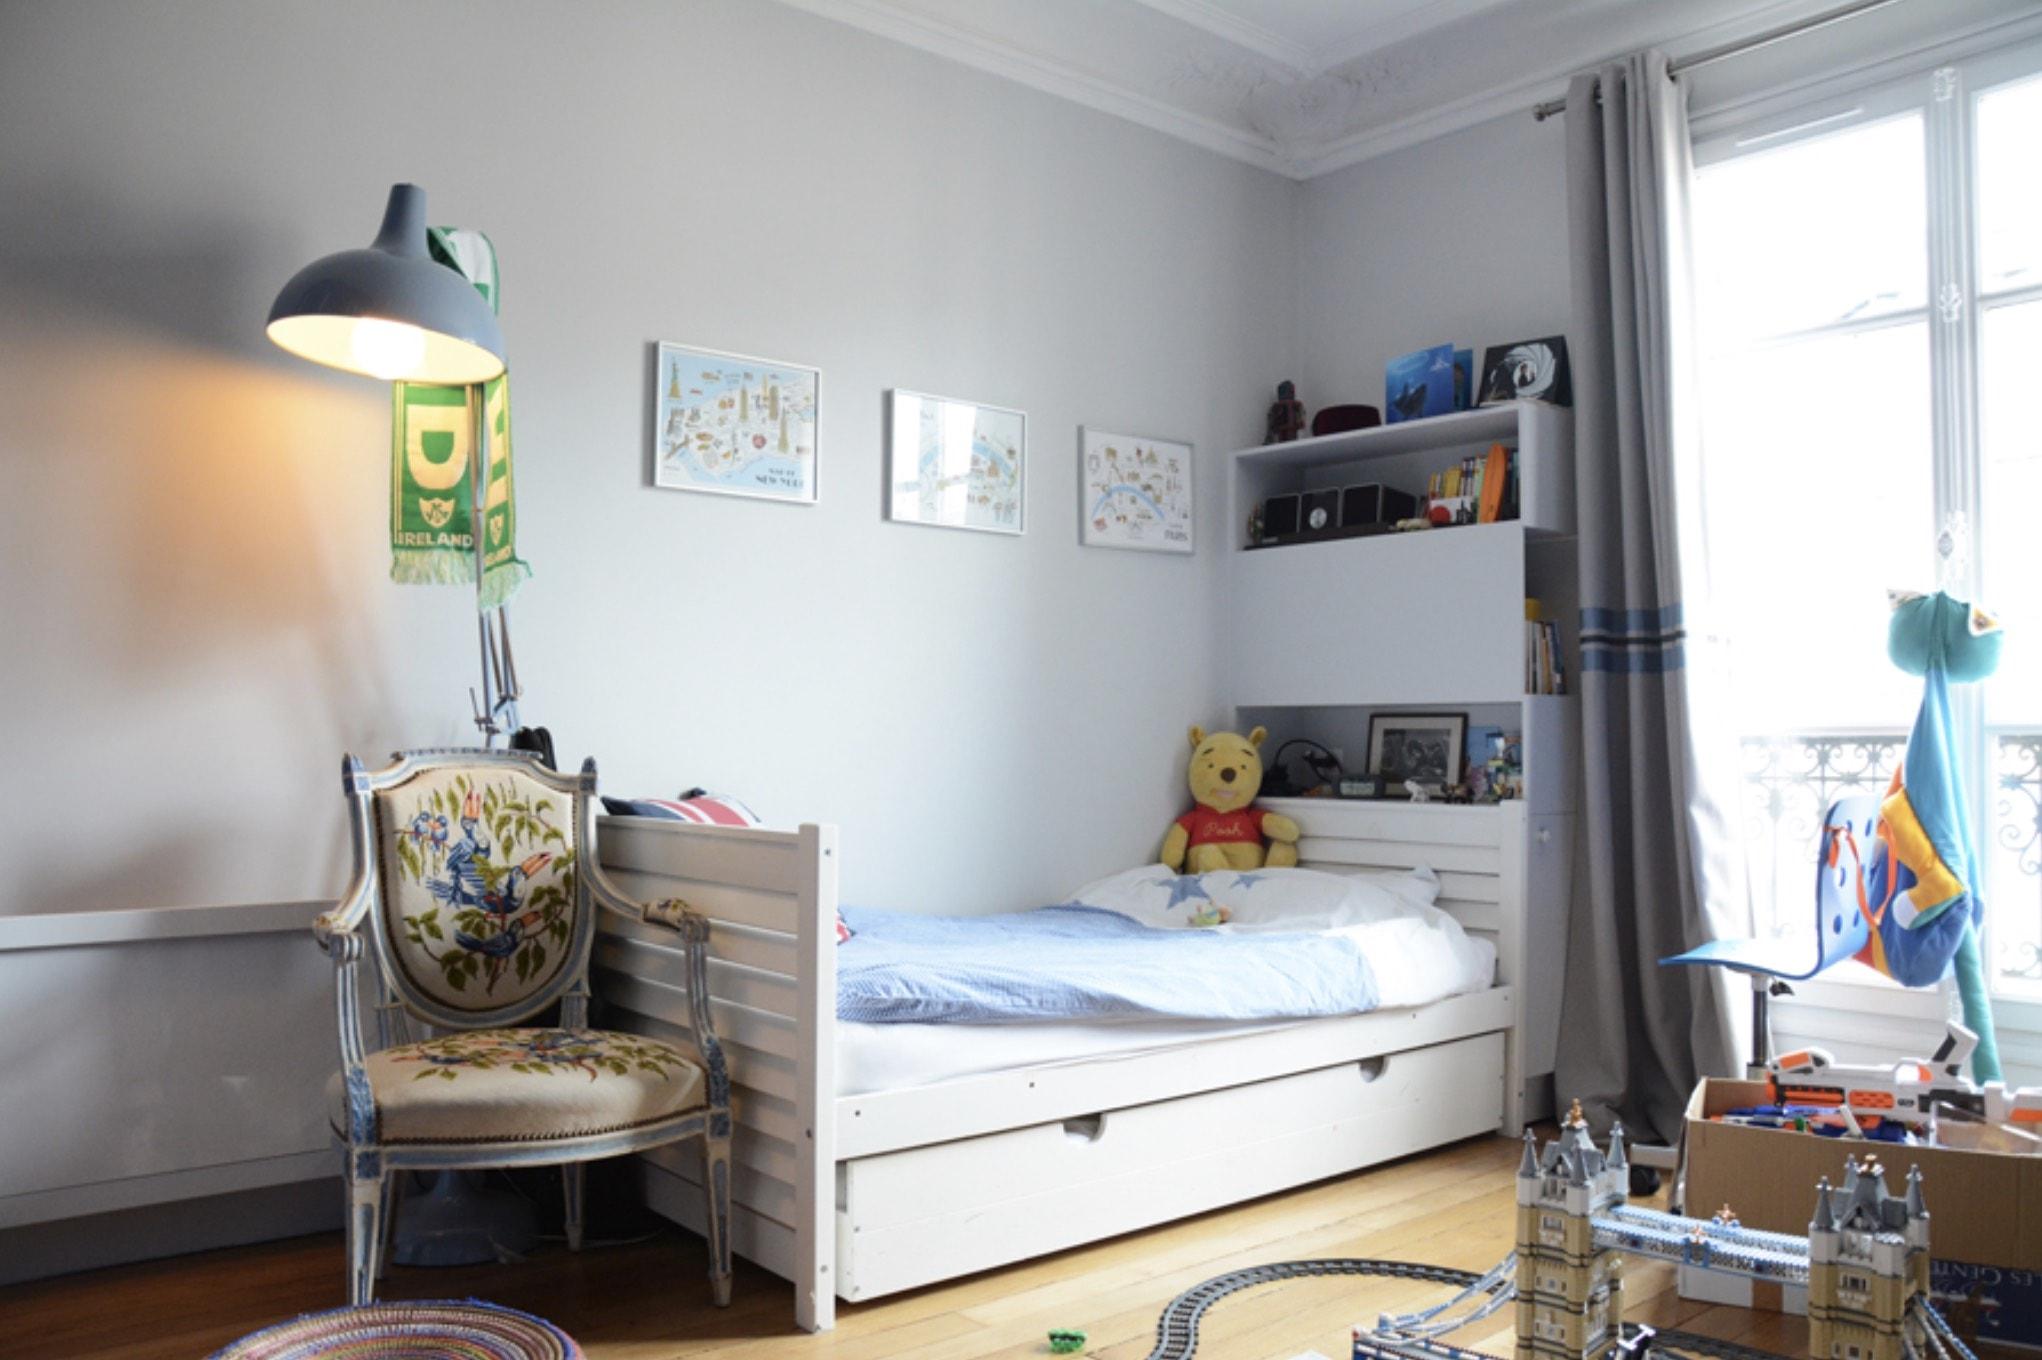 Chambre d'enfants - rénovation parquets et murs